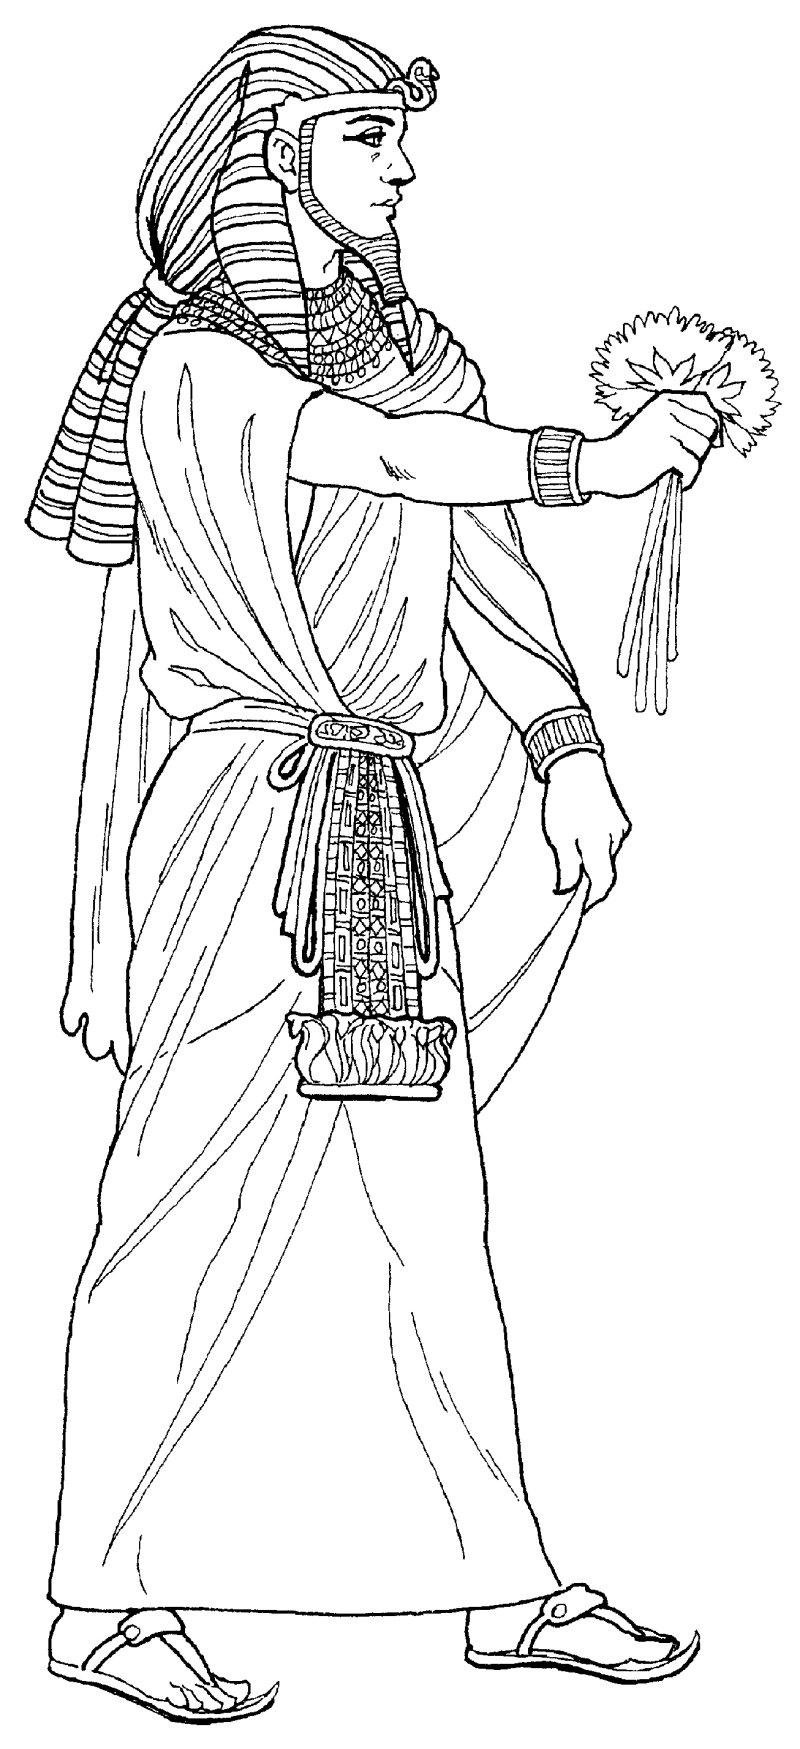 中世纪人物速写图案素材jpg-(图片编号:1000079054)